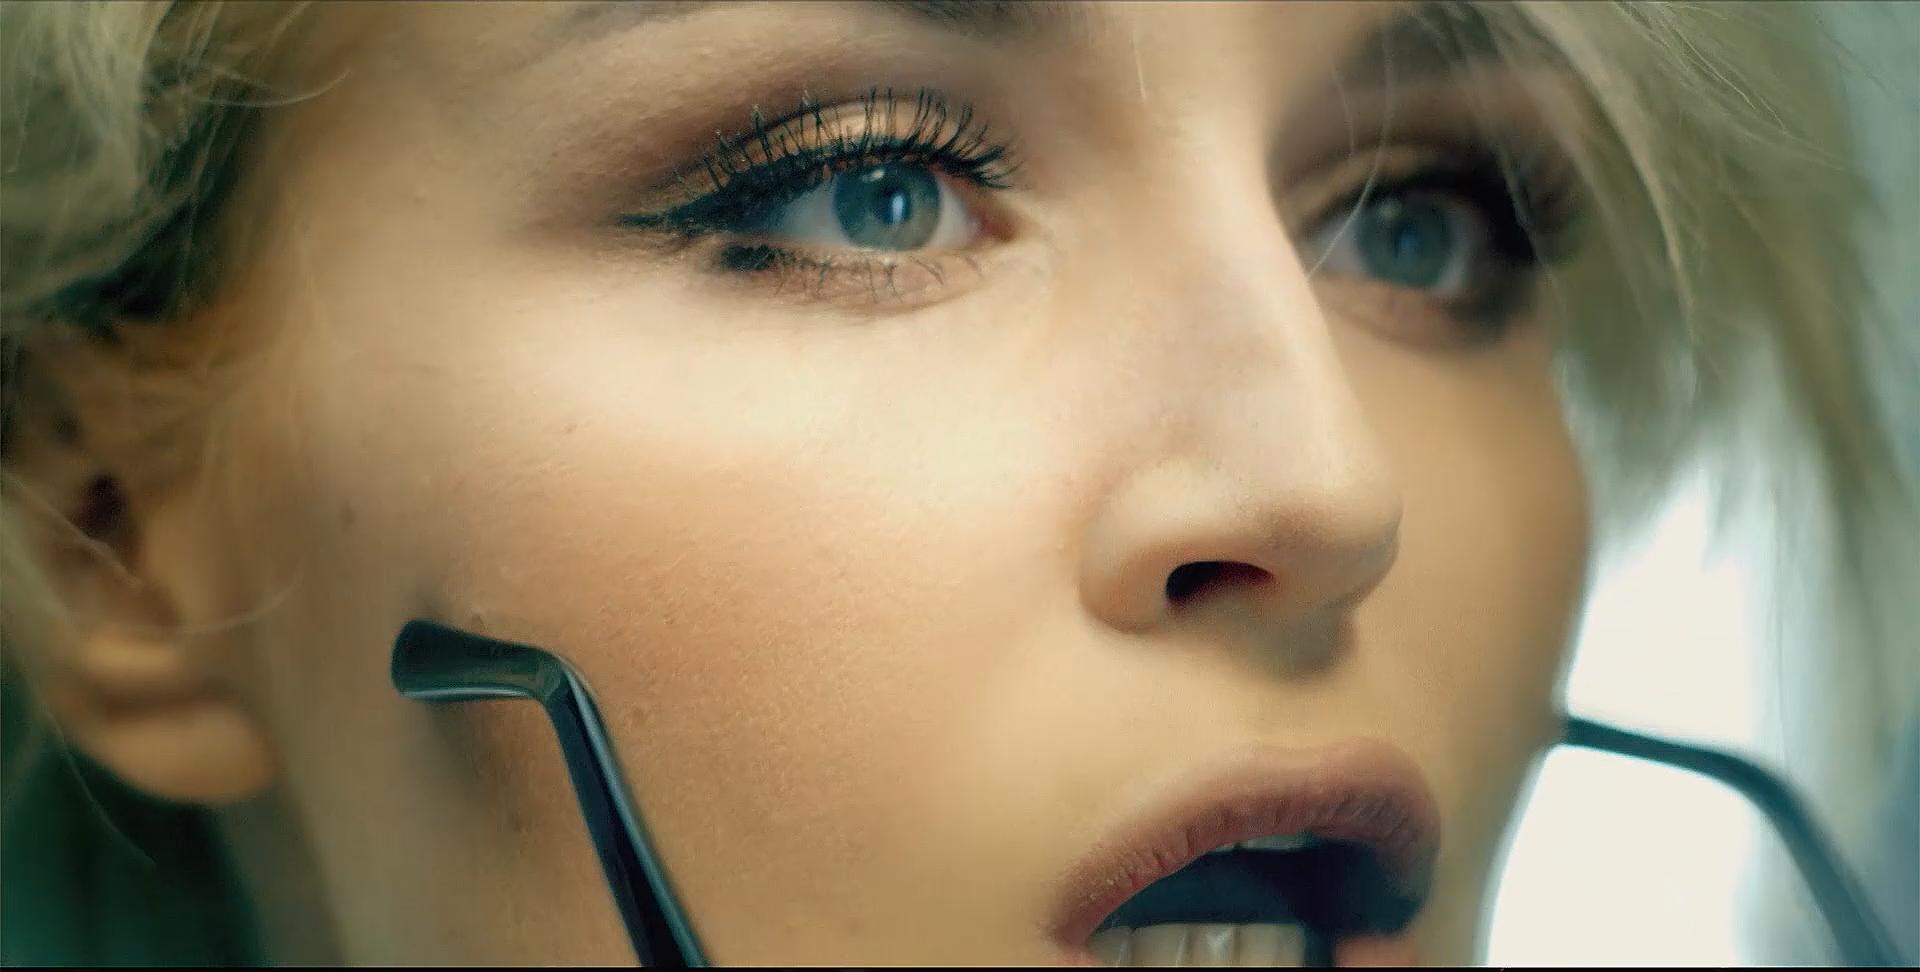 Композиция. Шагай. Исполнитель. Polina Gagarina. Альбом. Шагай. Лицензиар: